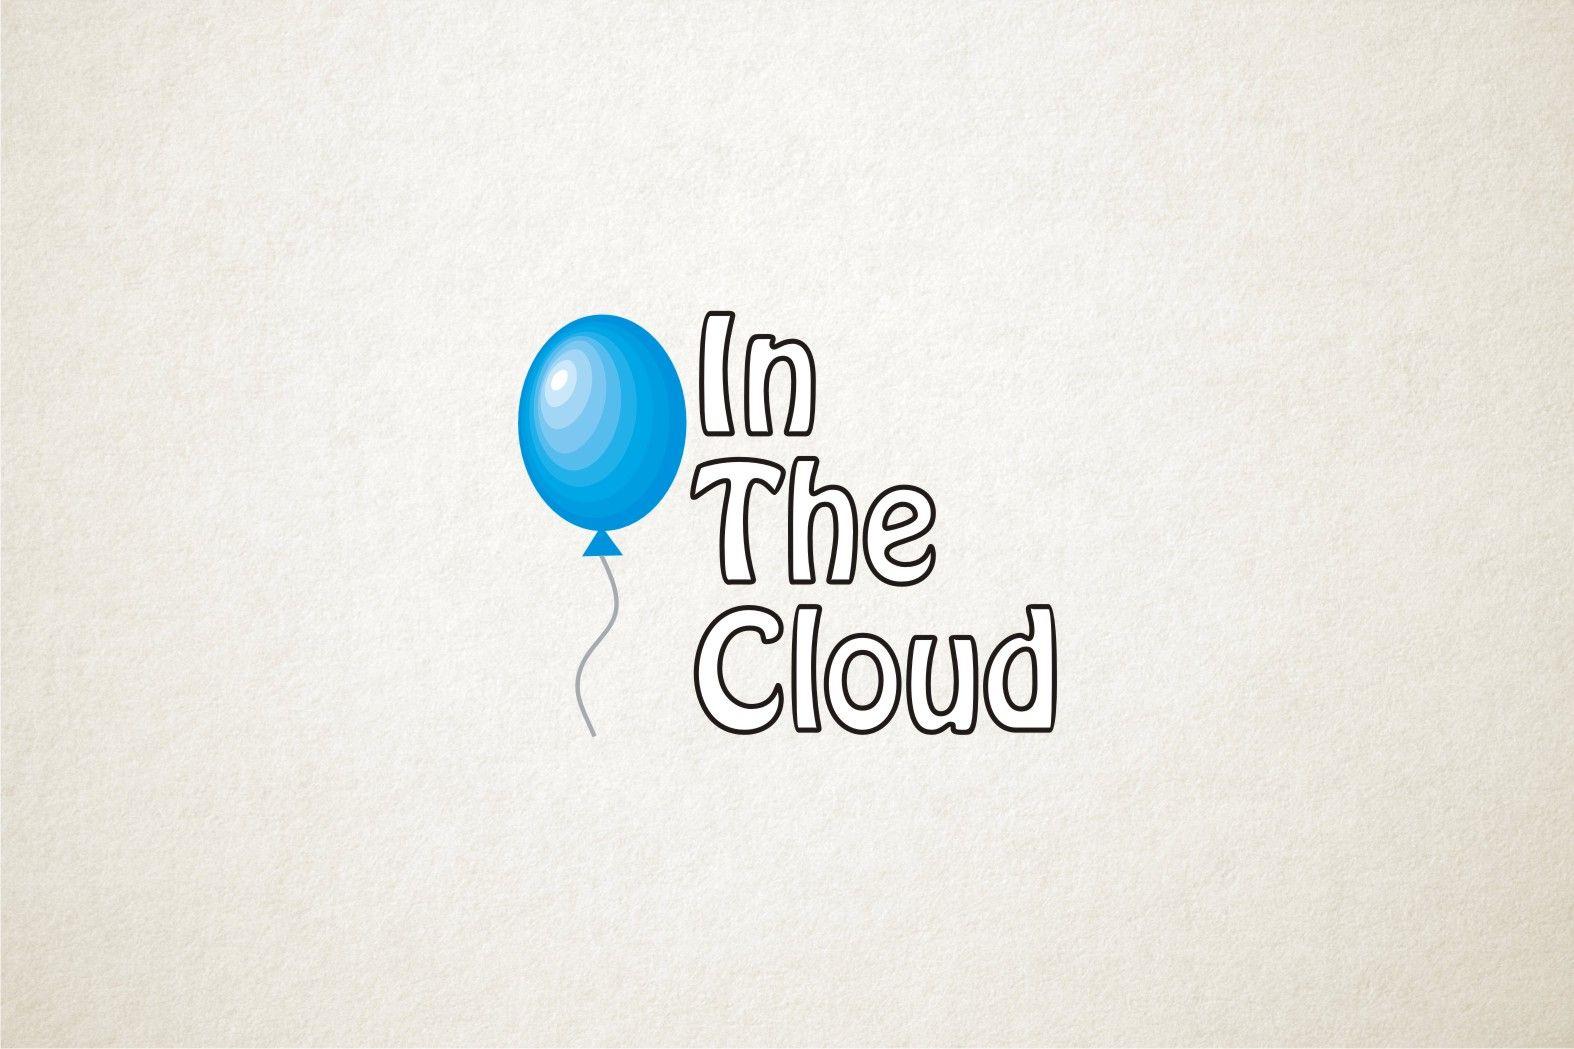 Логотип ИТ-компании InTheCloud - дизайнер Evgenia_021